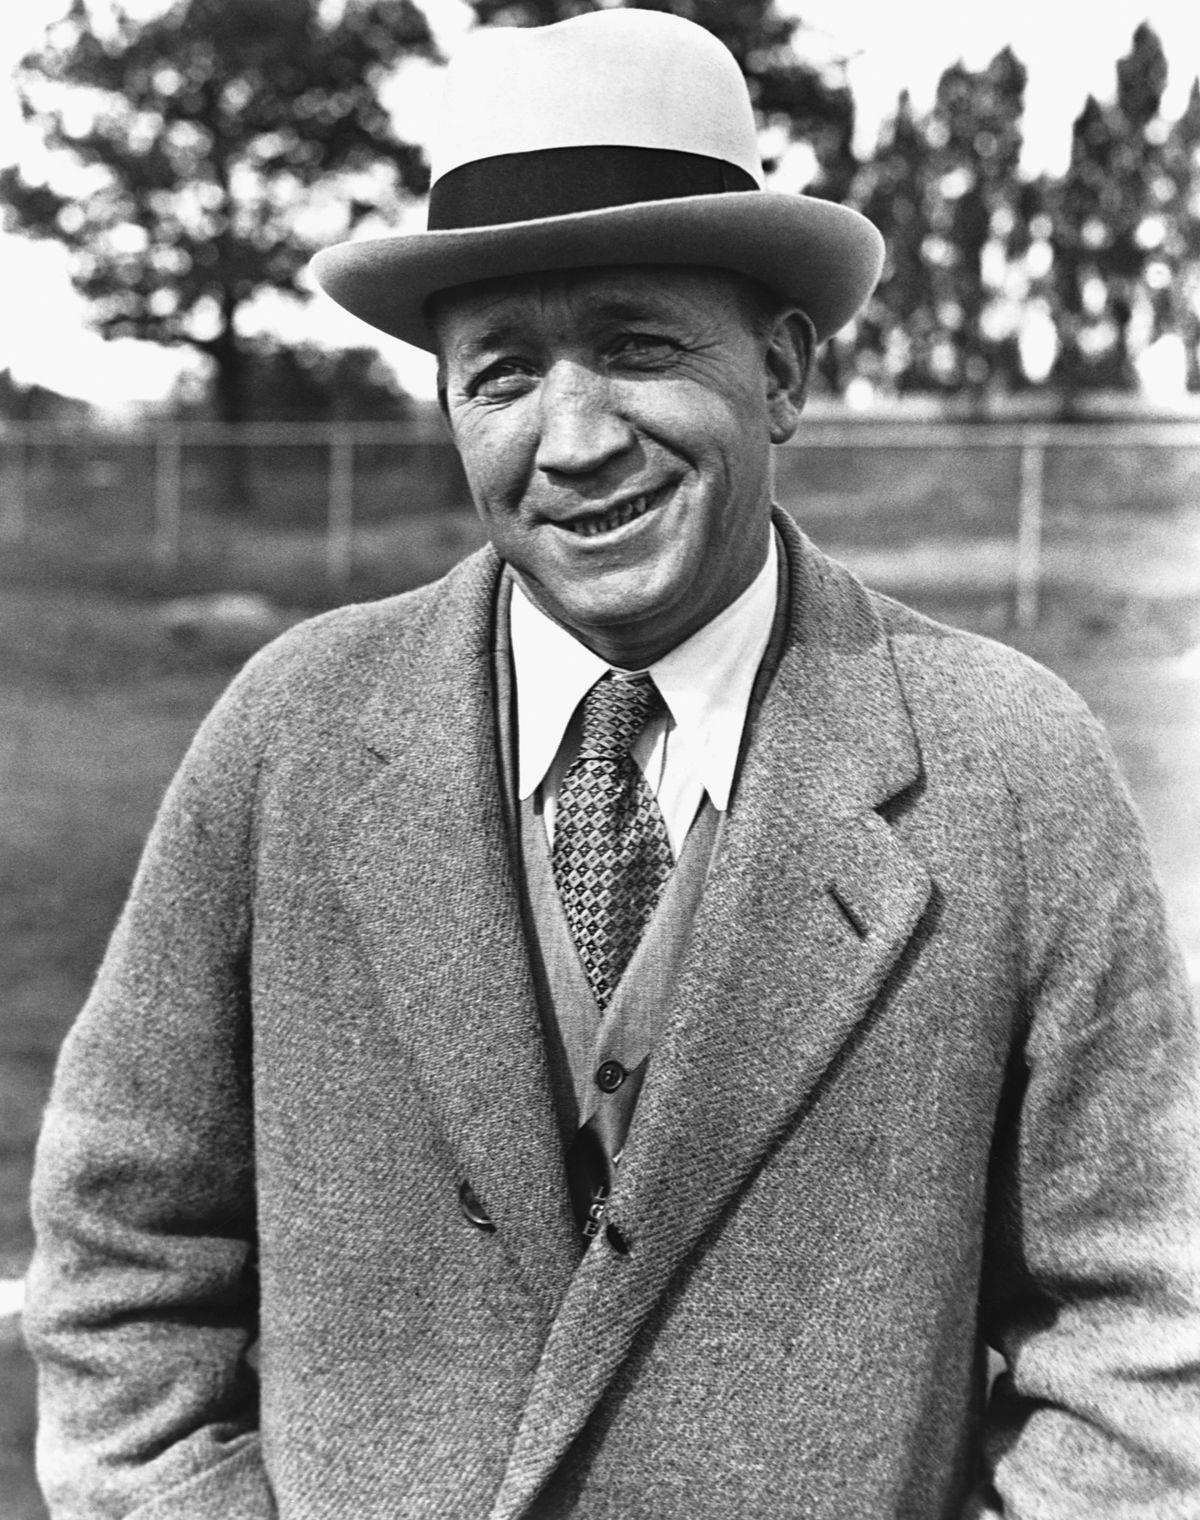 Knute Kenneth Rockne (1888-1931), American Football Coach